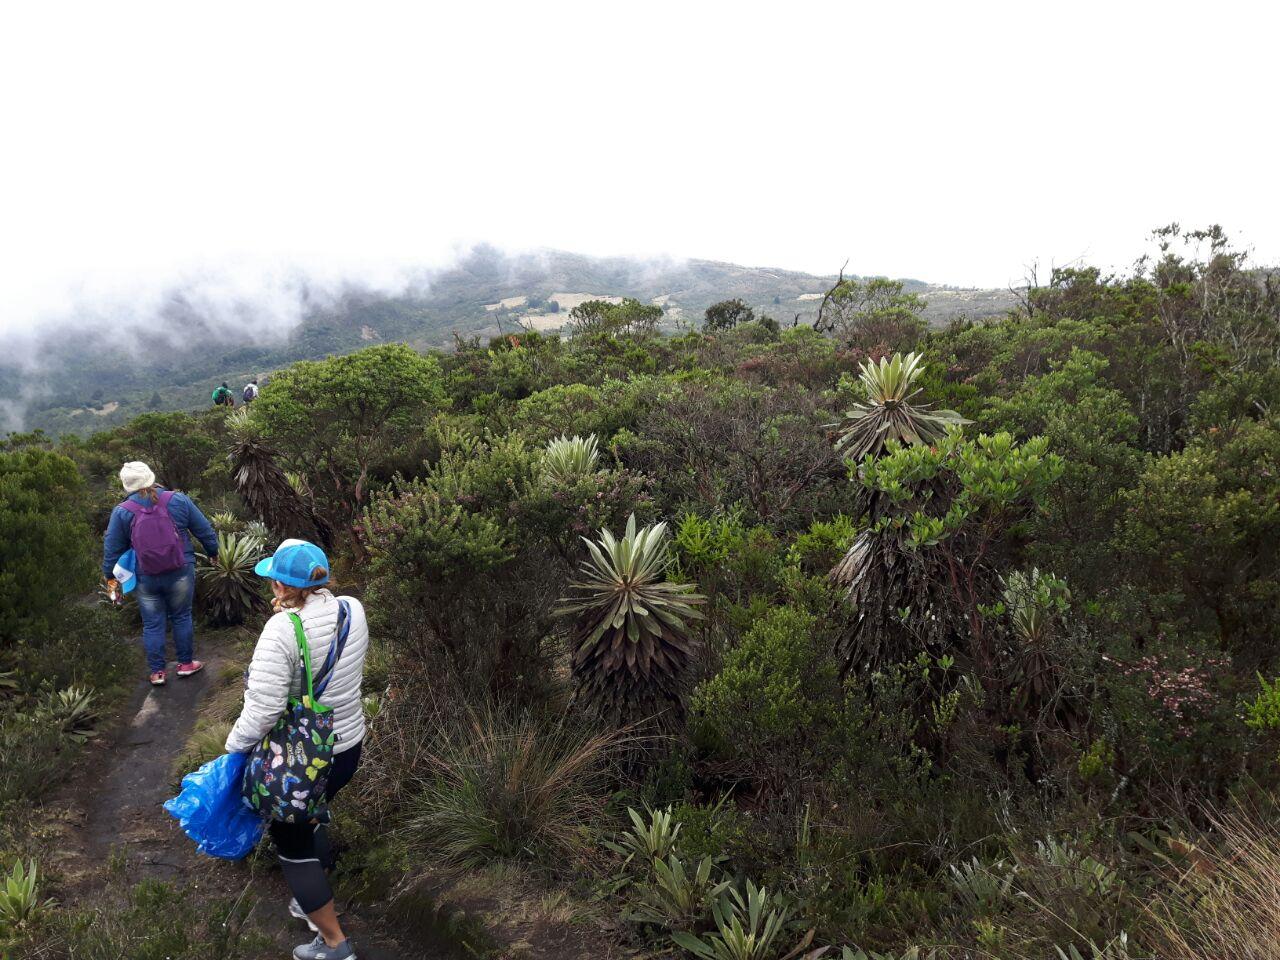 Recorrido matarredonda - Caminatas ecológicas